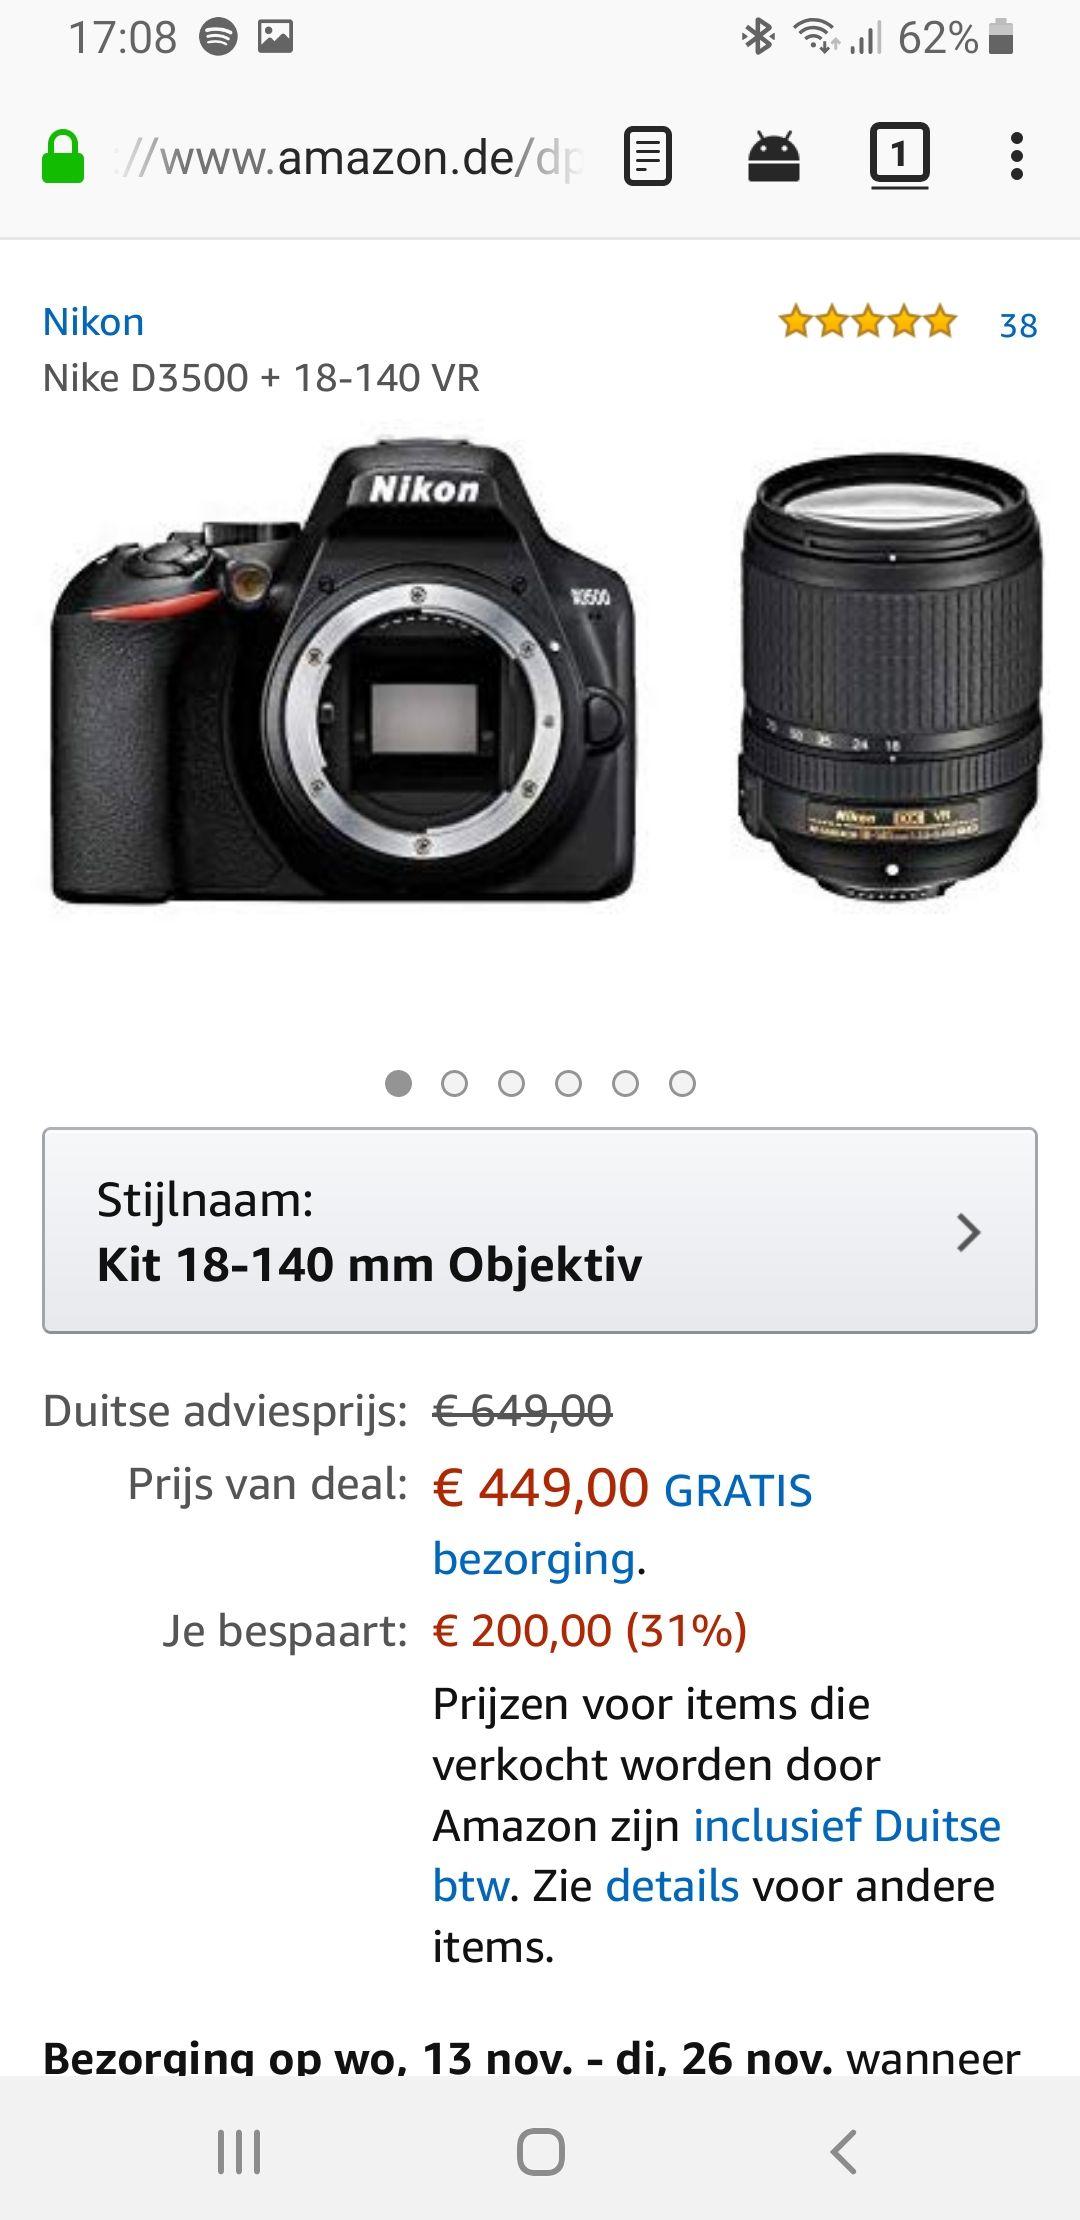 Nikon D3500 met 18-140mm objectief